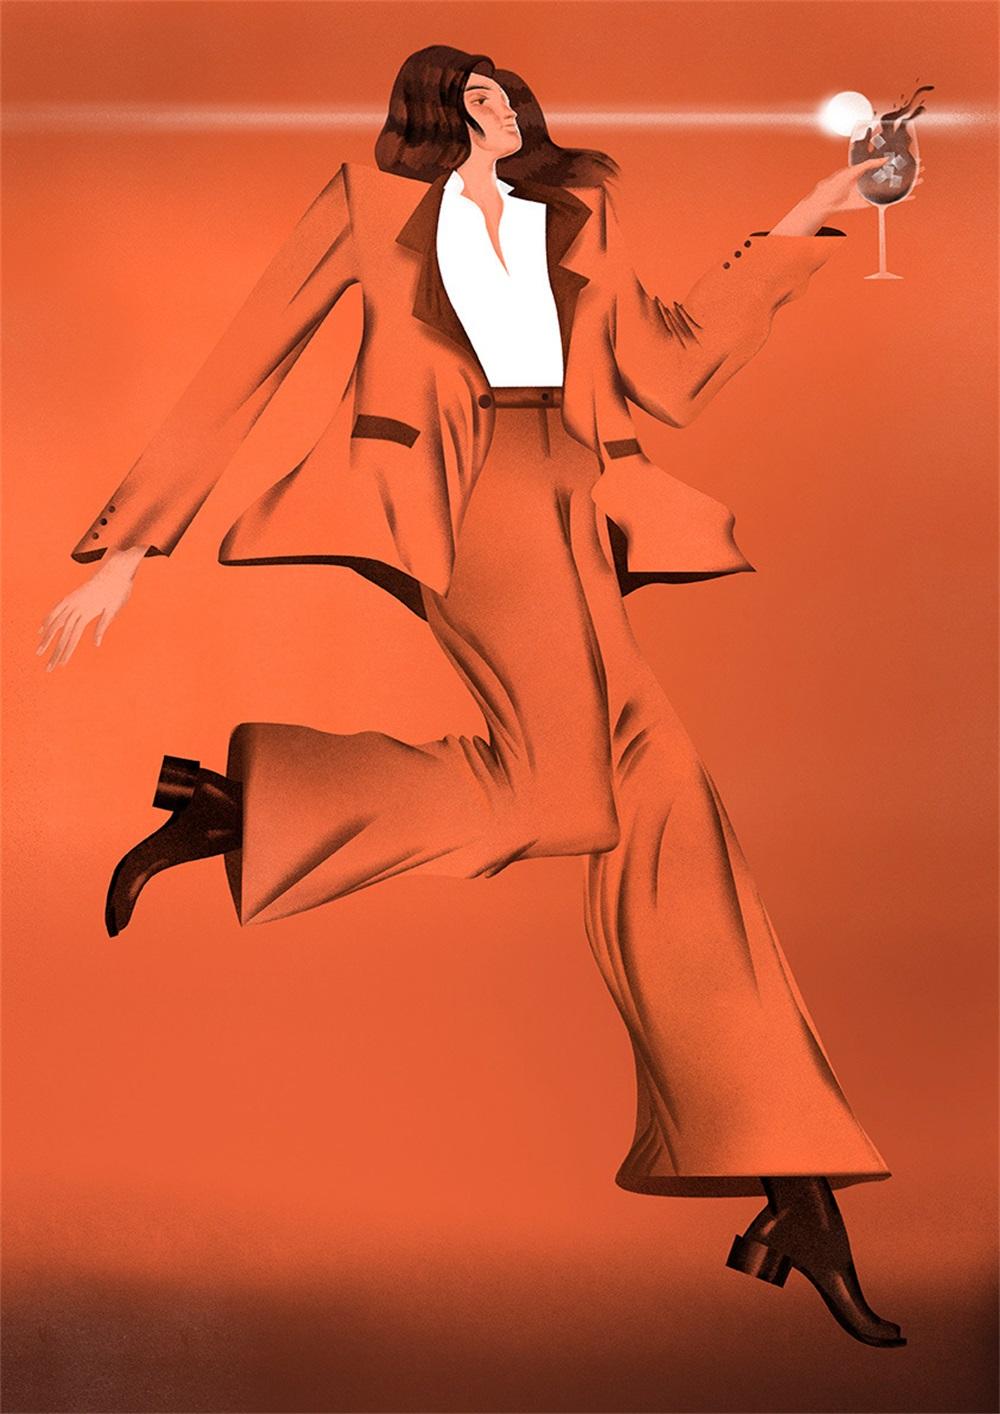 新流行趋势!插画家 Masha Foya的海报插画